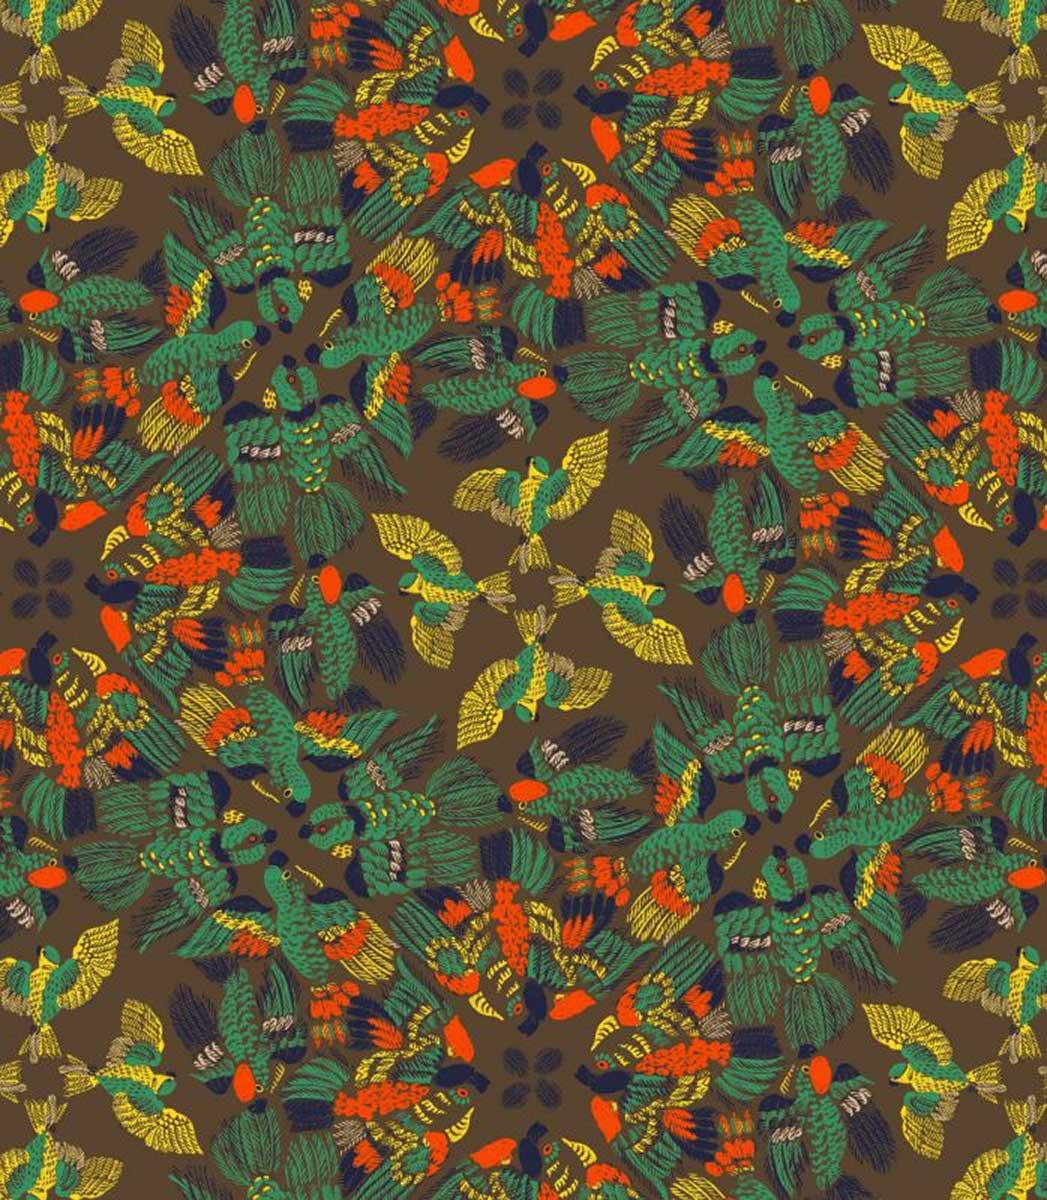 Tissu imprimé au paradis des oiseaux - Multicolore - 1.42 m